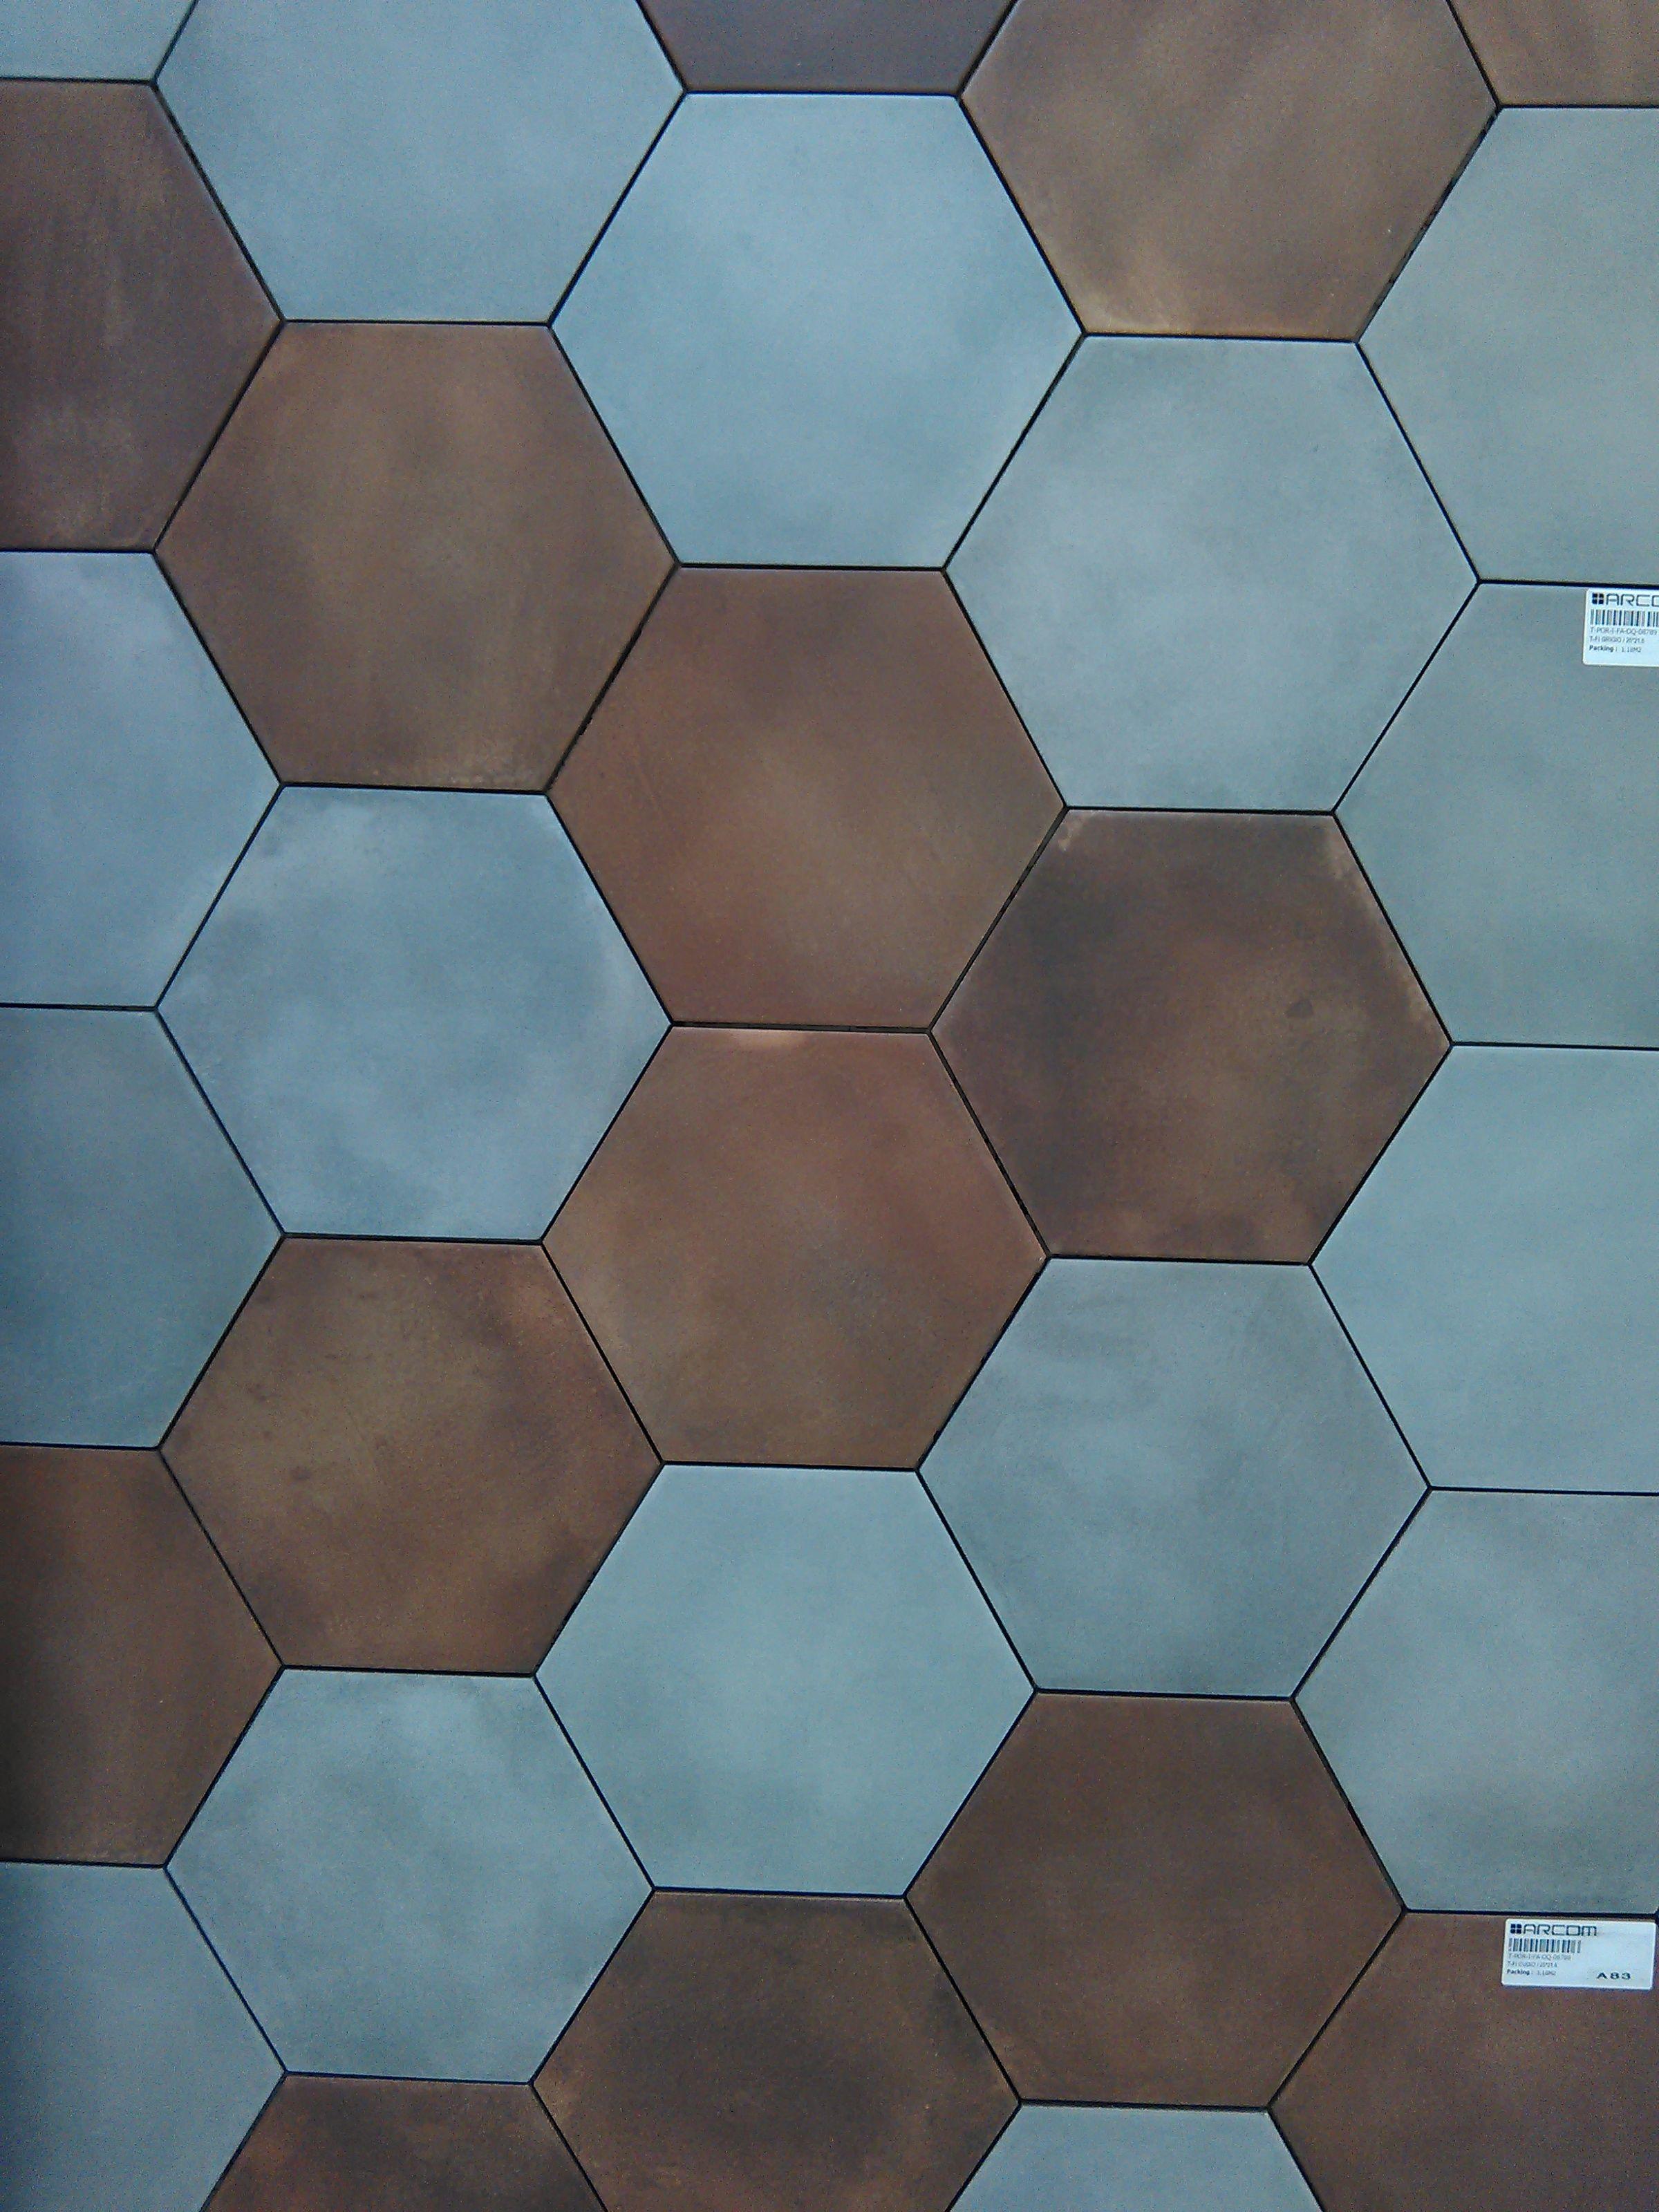 Hexagon floor tiles | texture | Pinterest | Hexagon floor tile ...